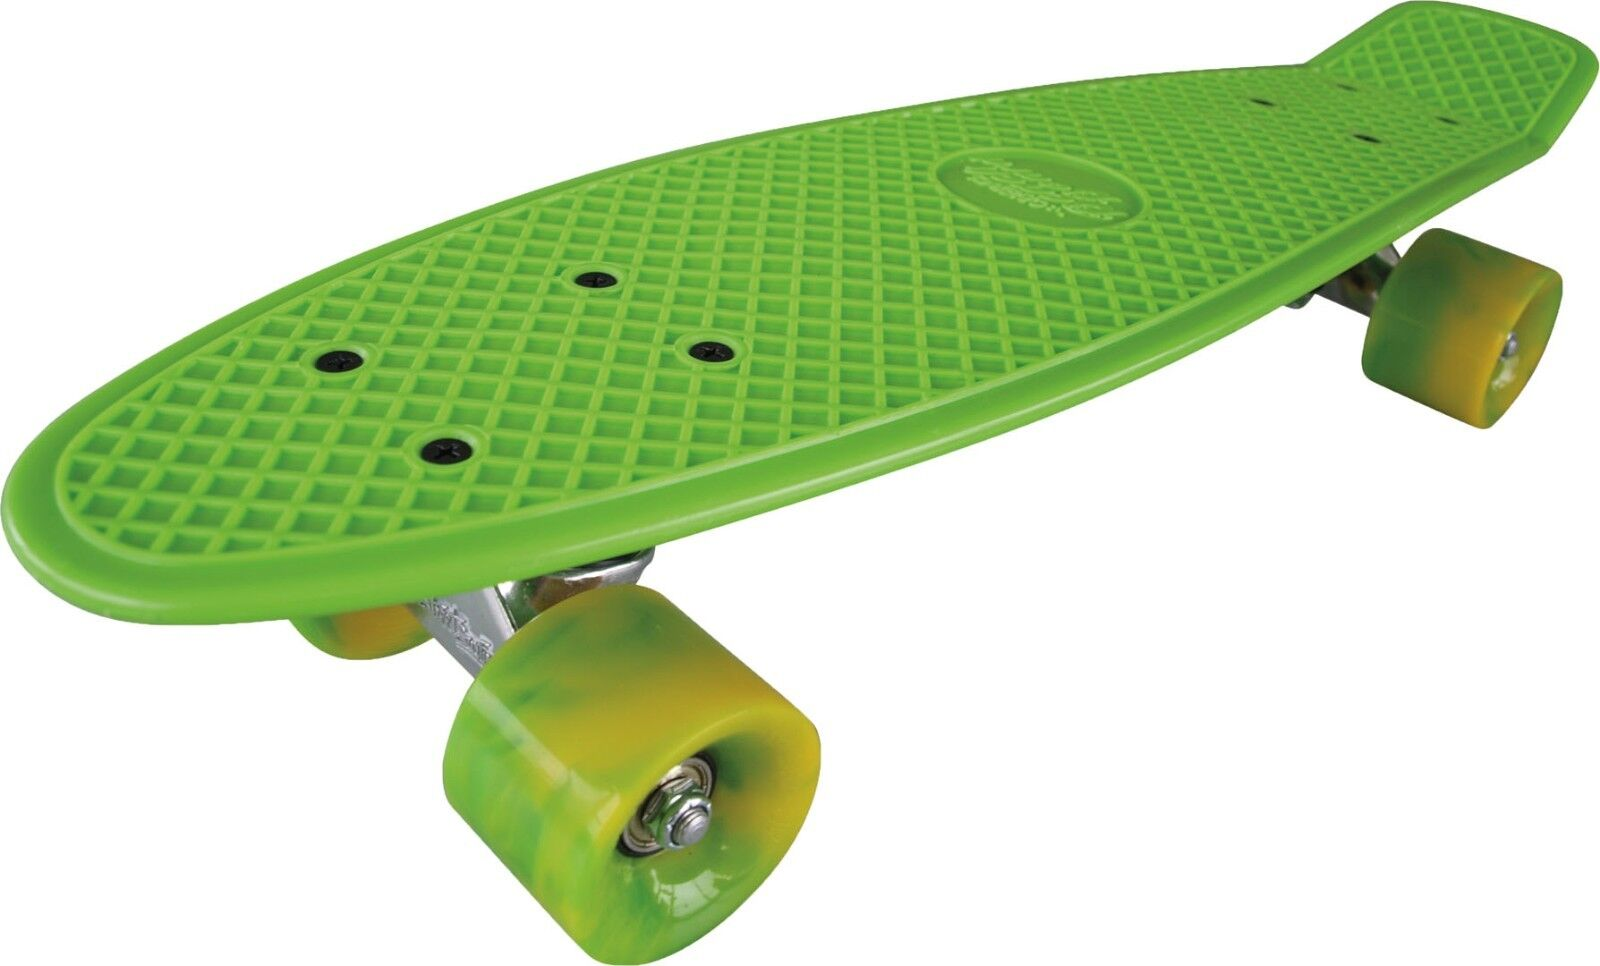 Skateboard Skateboard Skateboard Street Surfing Beachboard Streetsurfing grün Beach Board Grün b8cb07